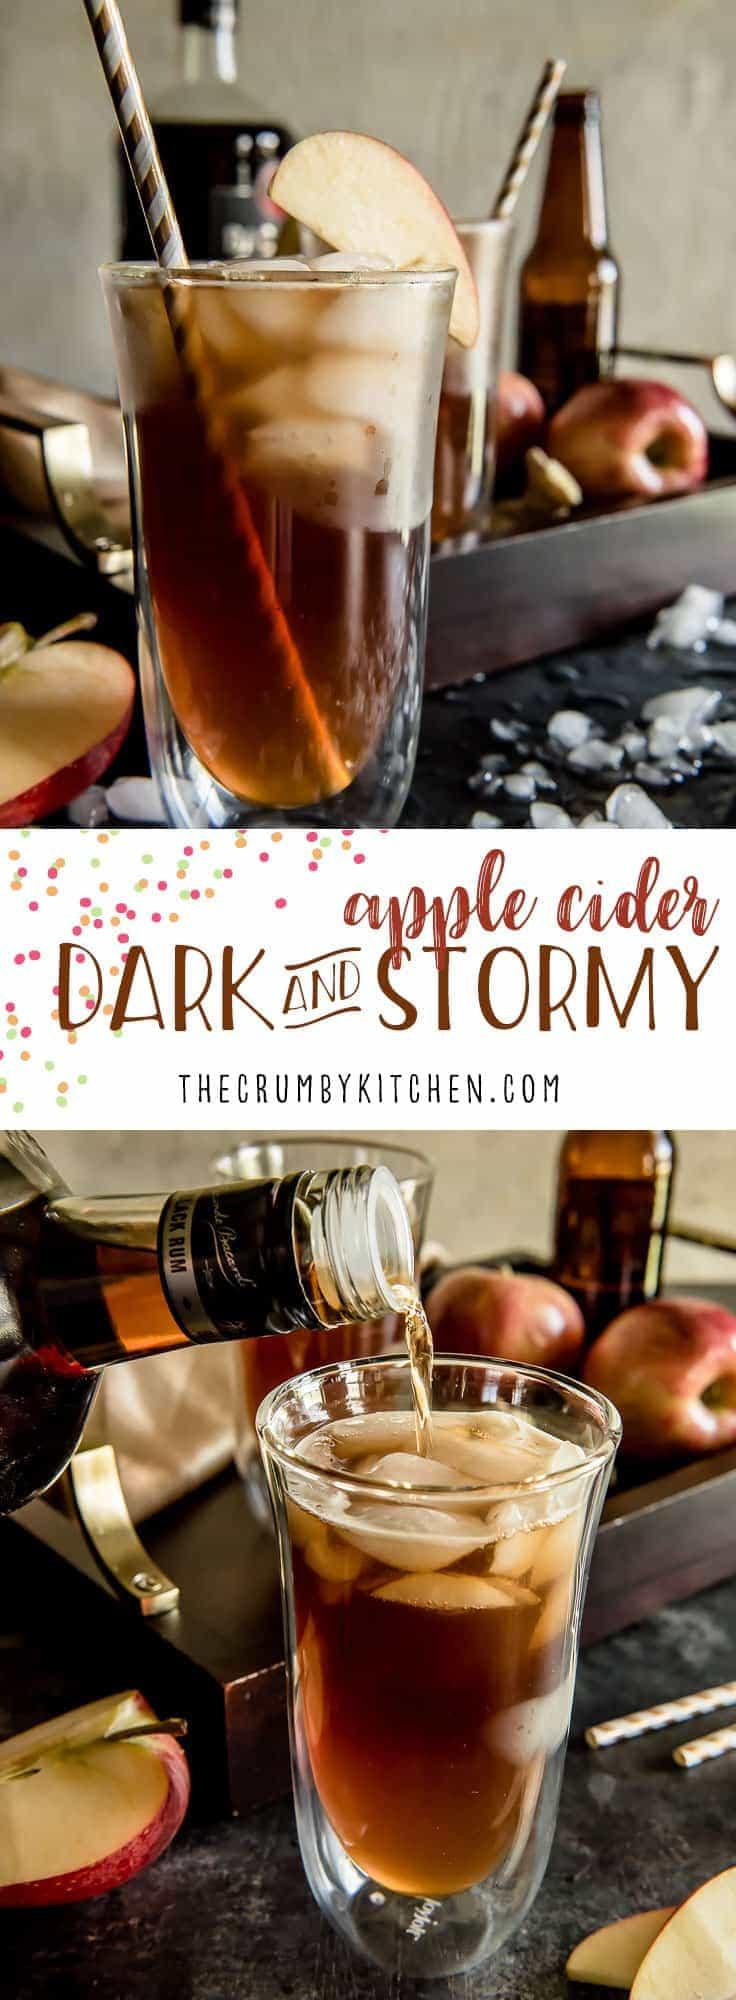 Apple Cider Dark & Stormy #AppleWeek - The Crumby Kitchen